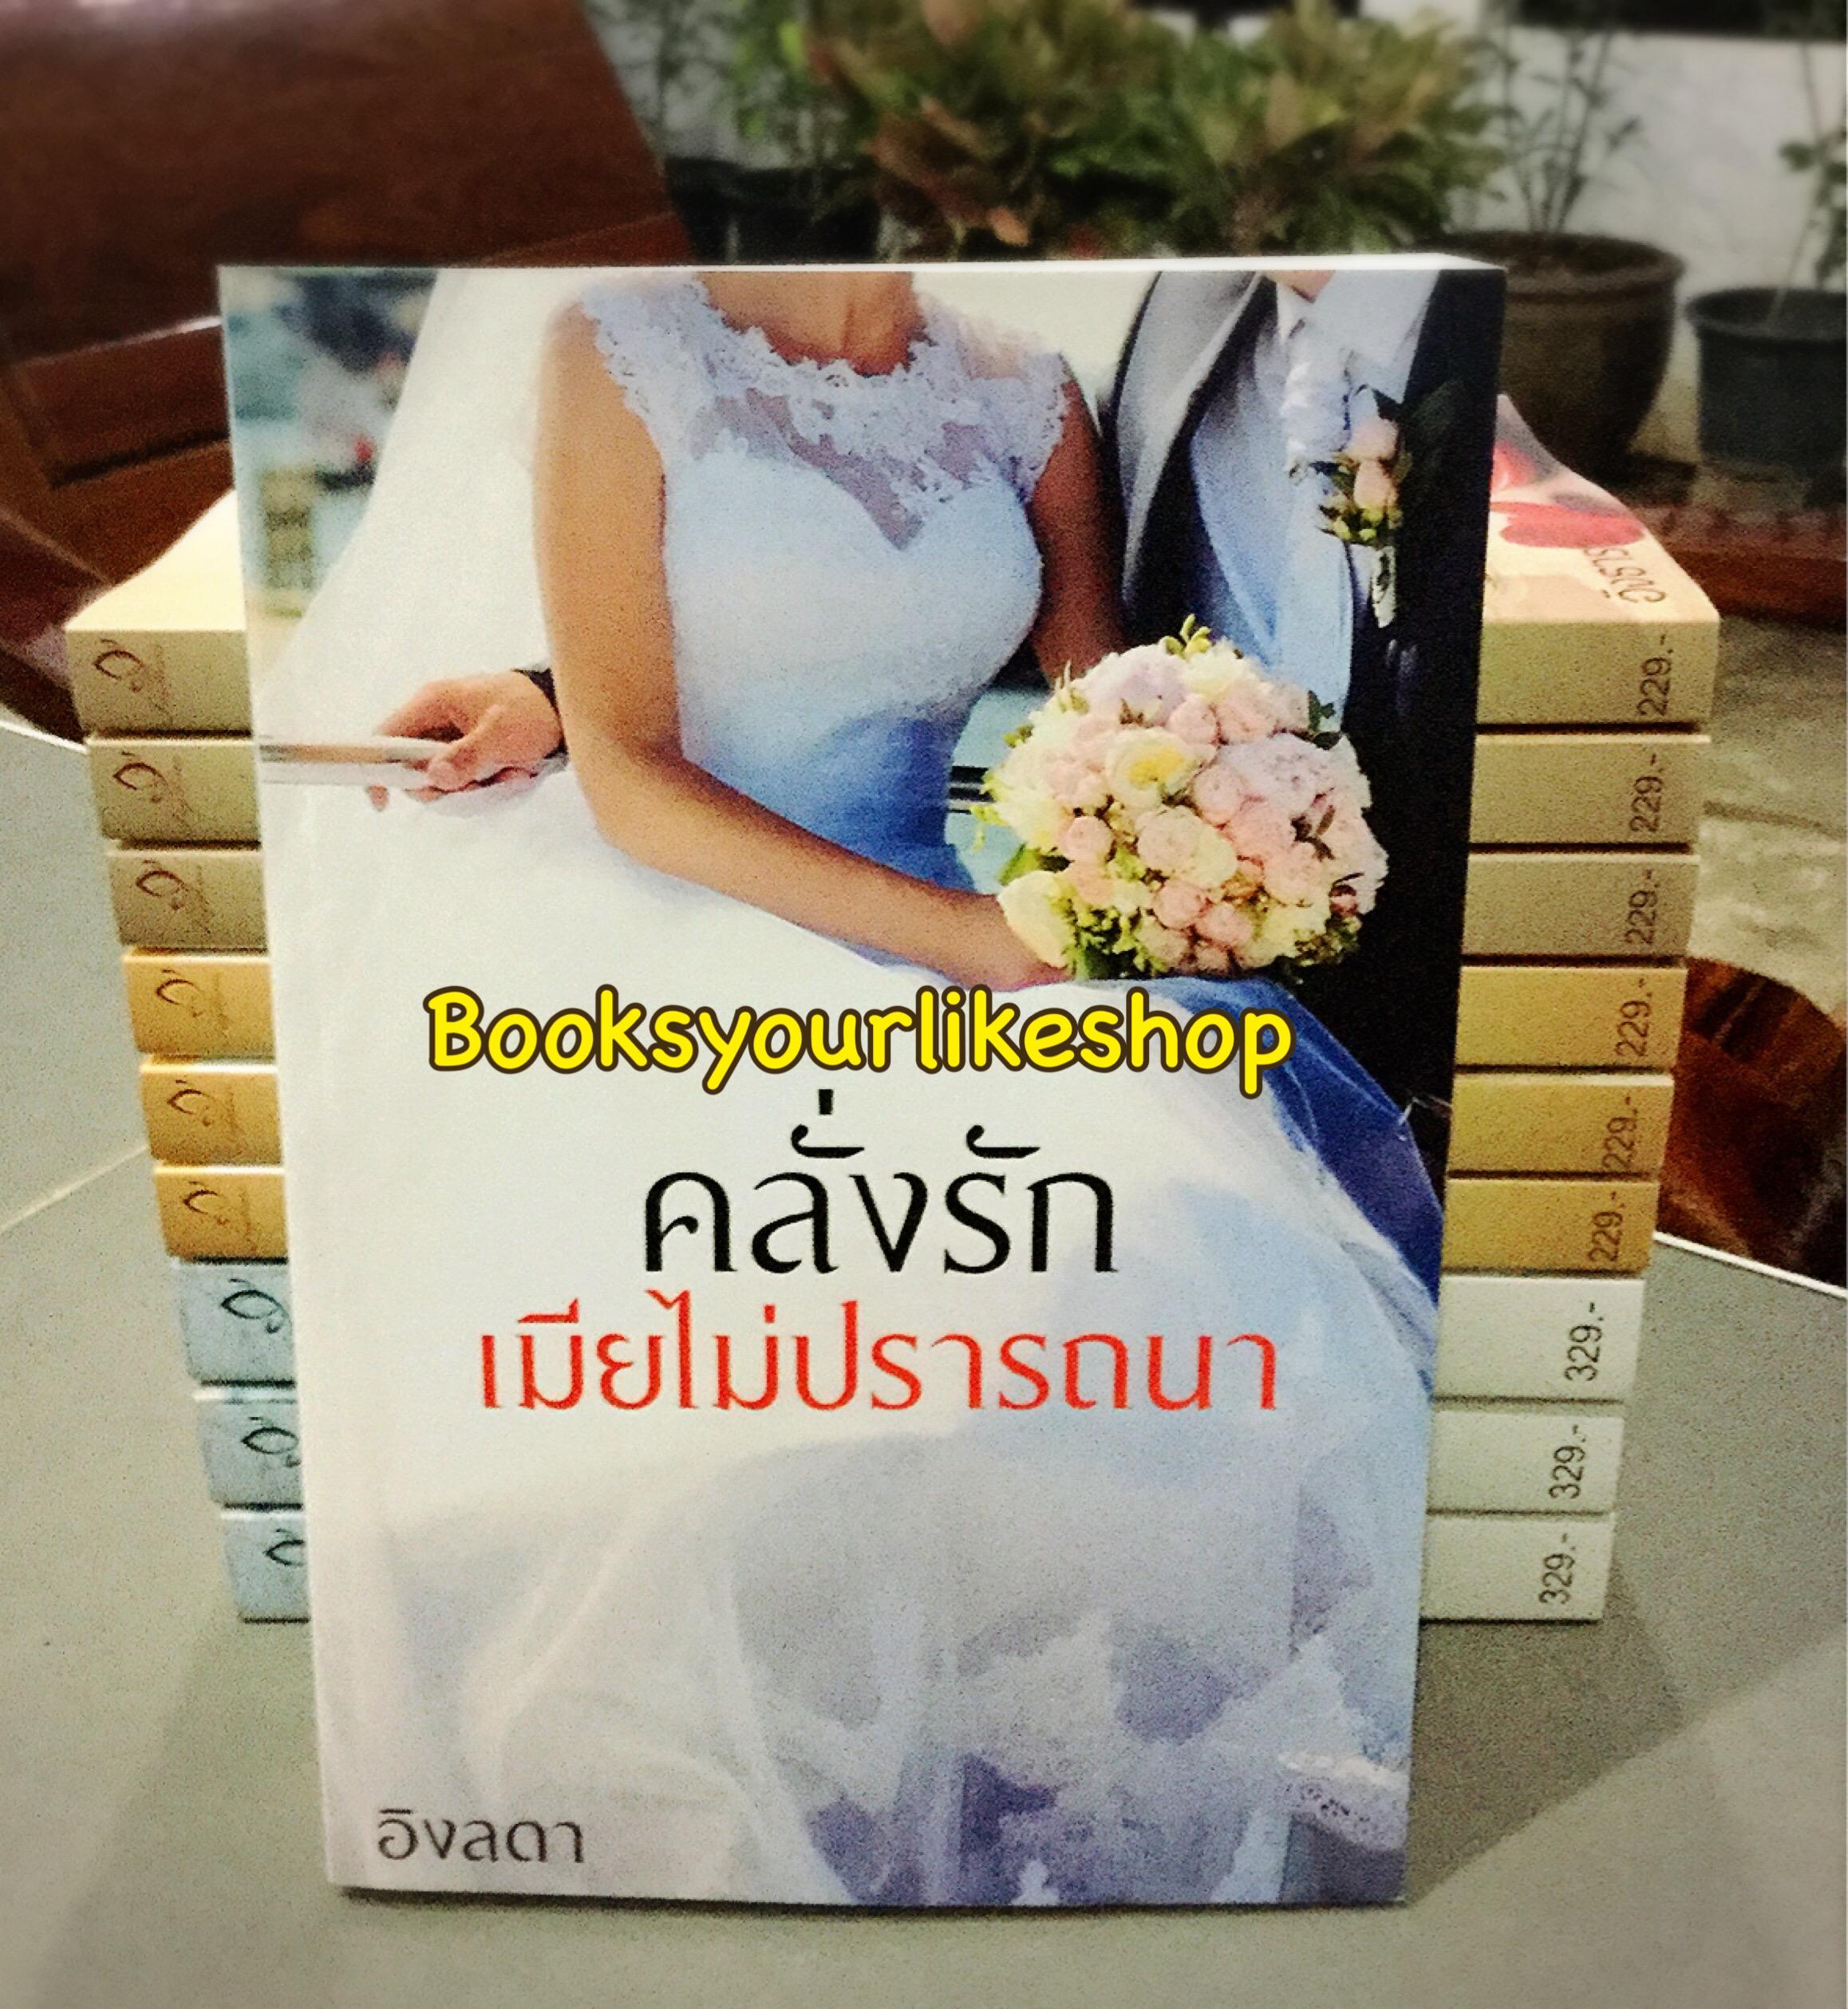 คลั่งรักเมียไม่ปรารถนา / อิงลดา หนังสือใหม่ทำมือ***สนุกคะ***